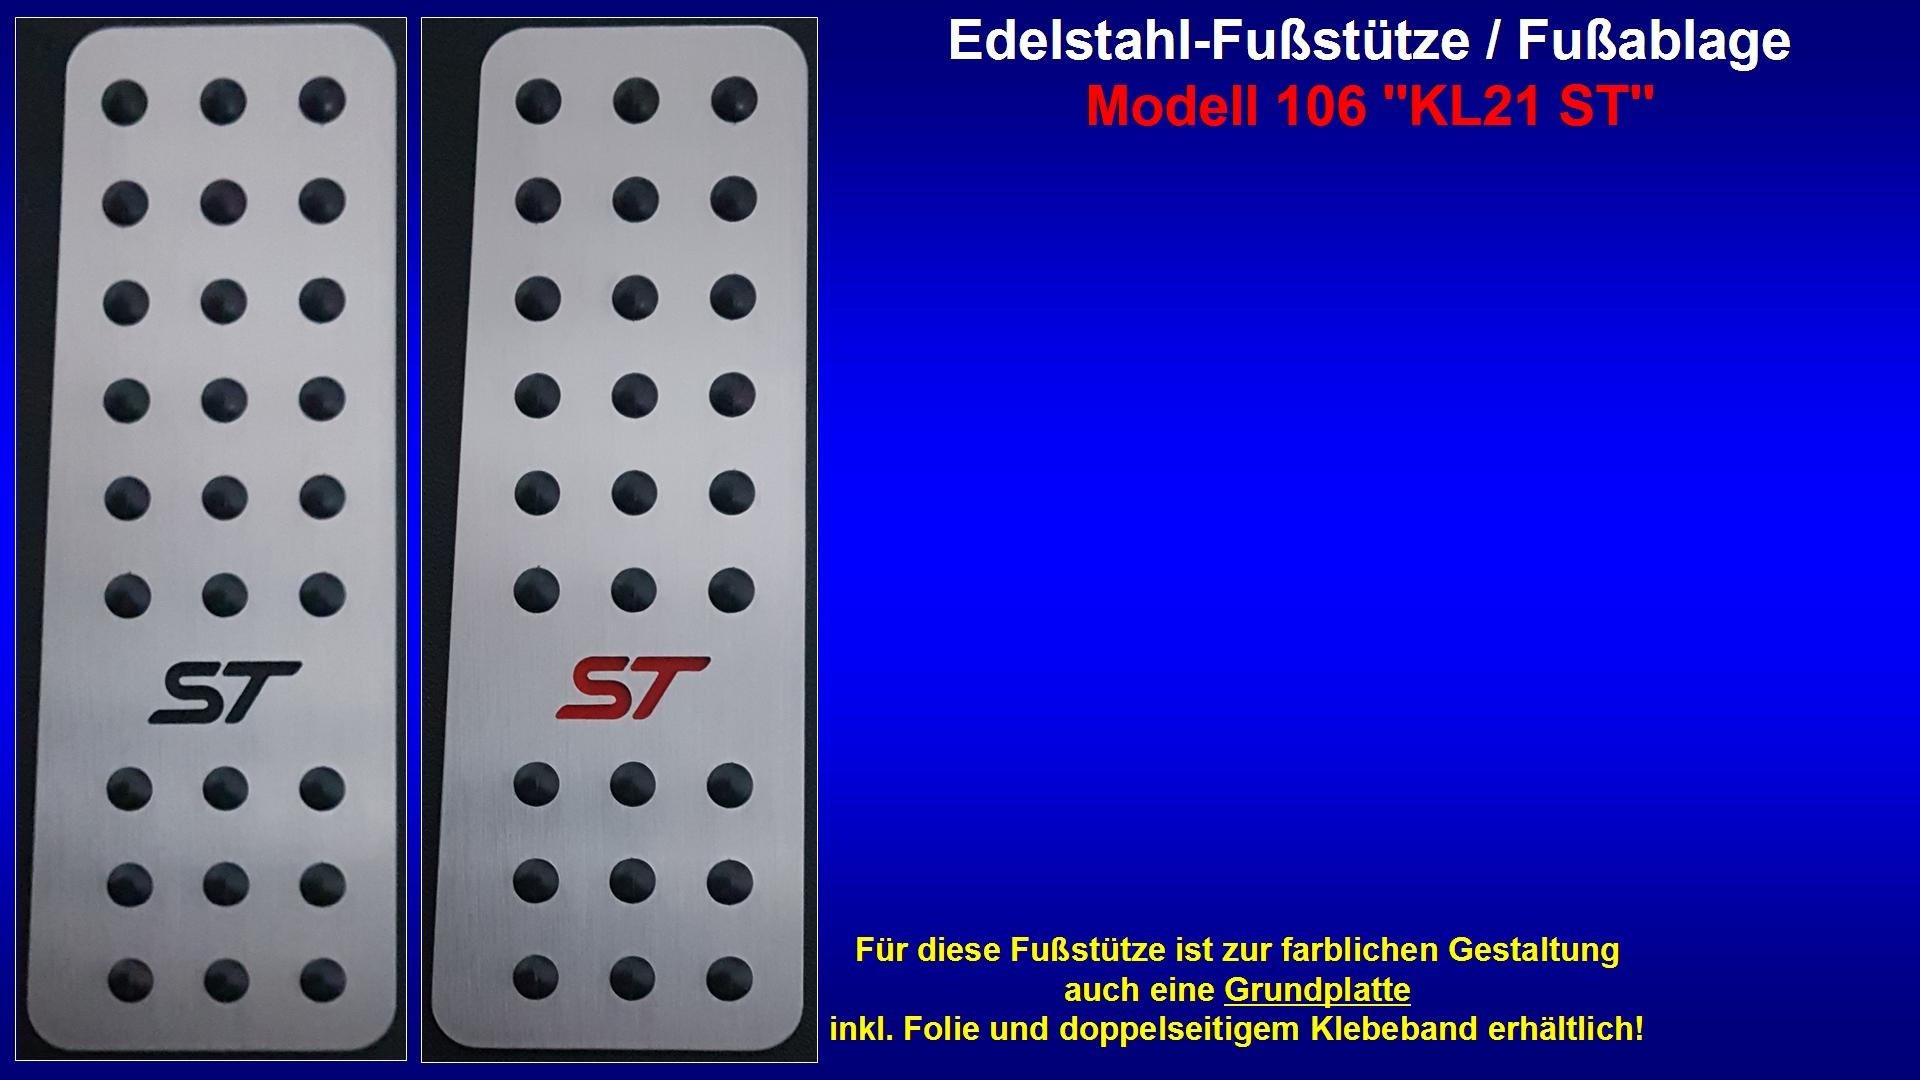 Präsentation Edelstahl-Fußstütze Modell 106 ''KL21 ST'' [ST-Logo].jpg